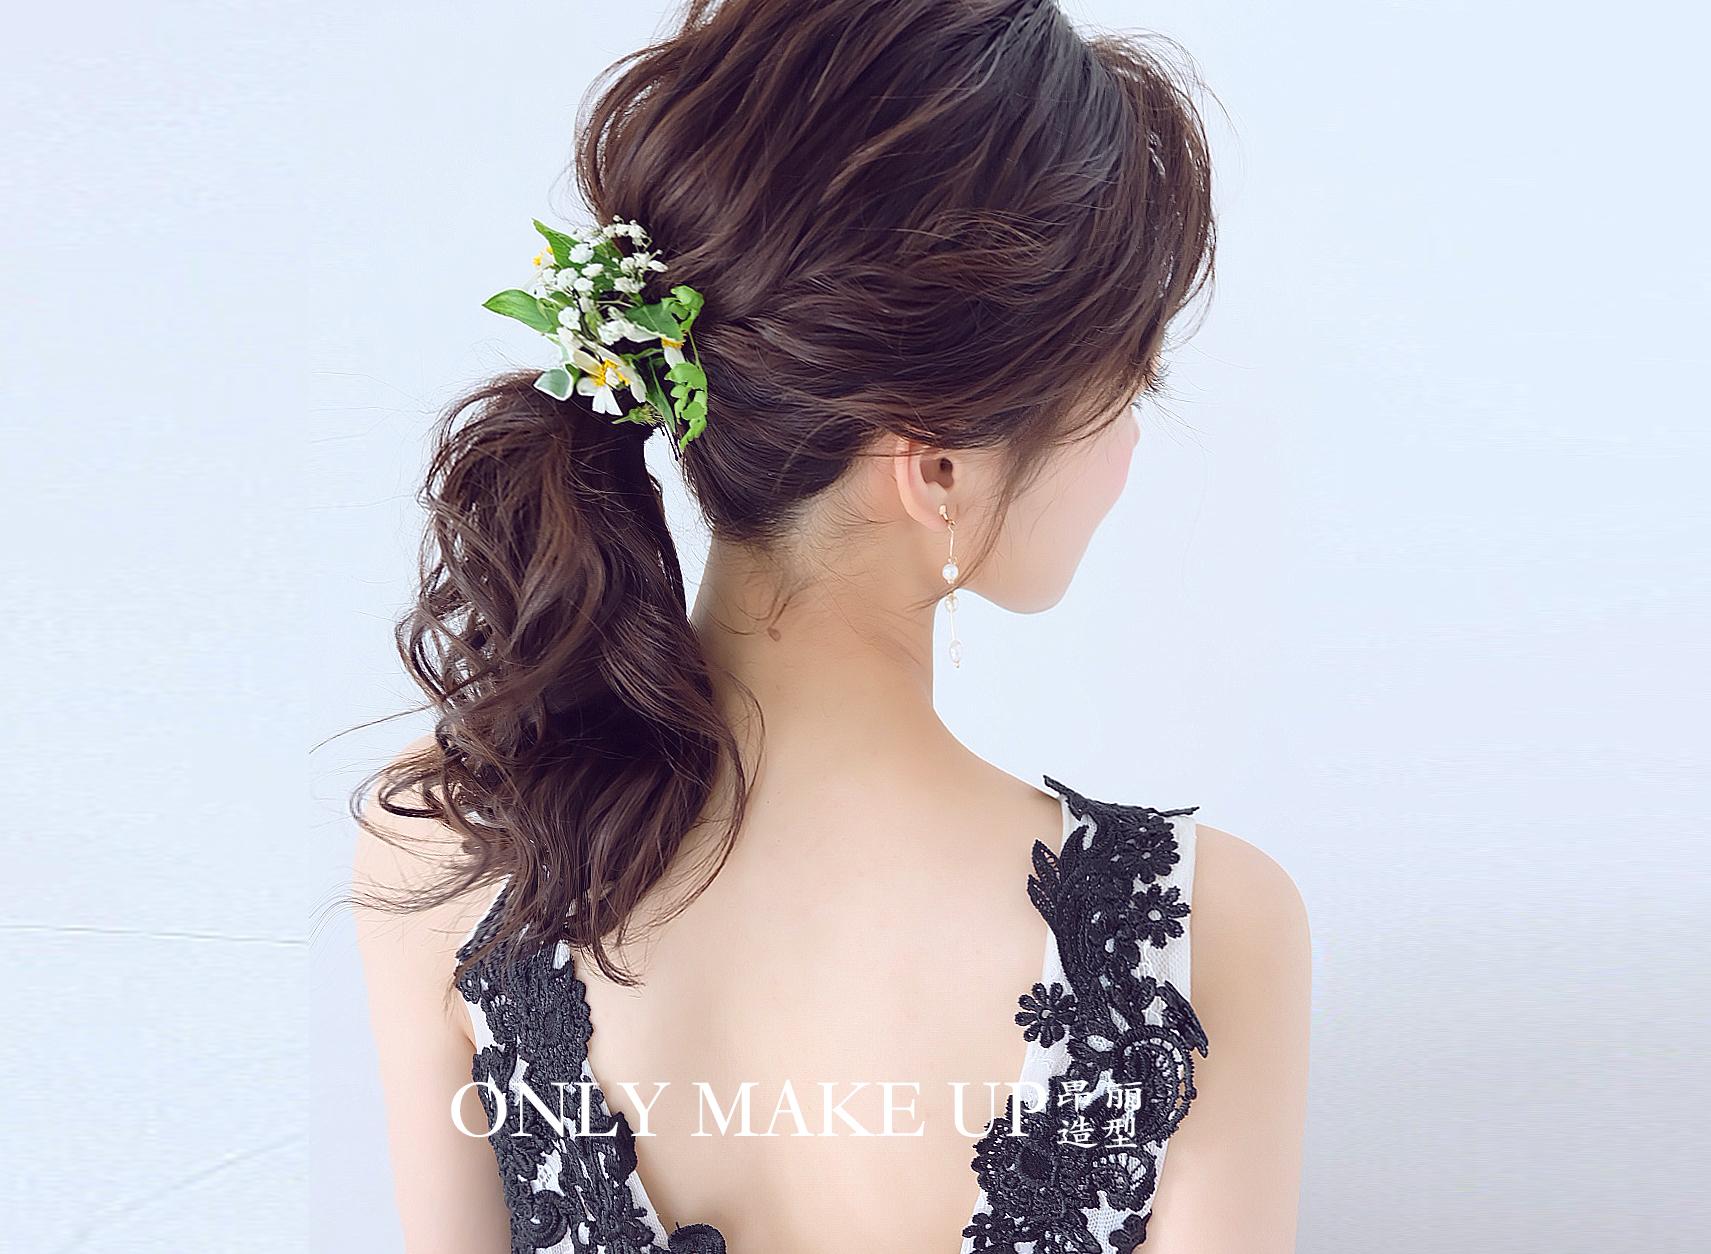 看腻了繁花锦簇?点缀小清新的发型来啦